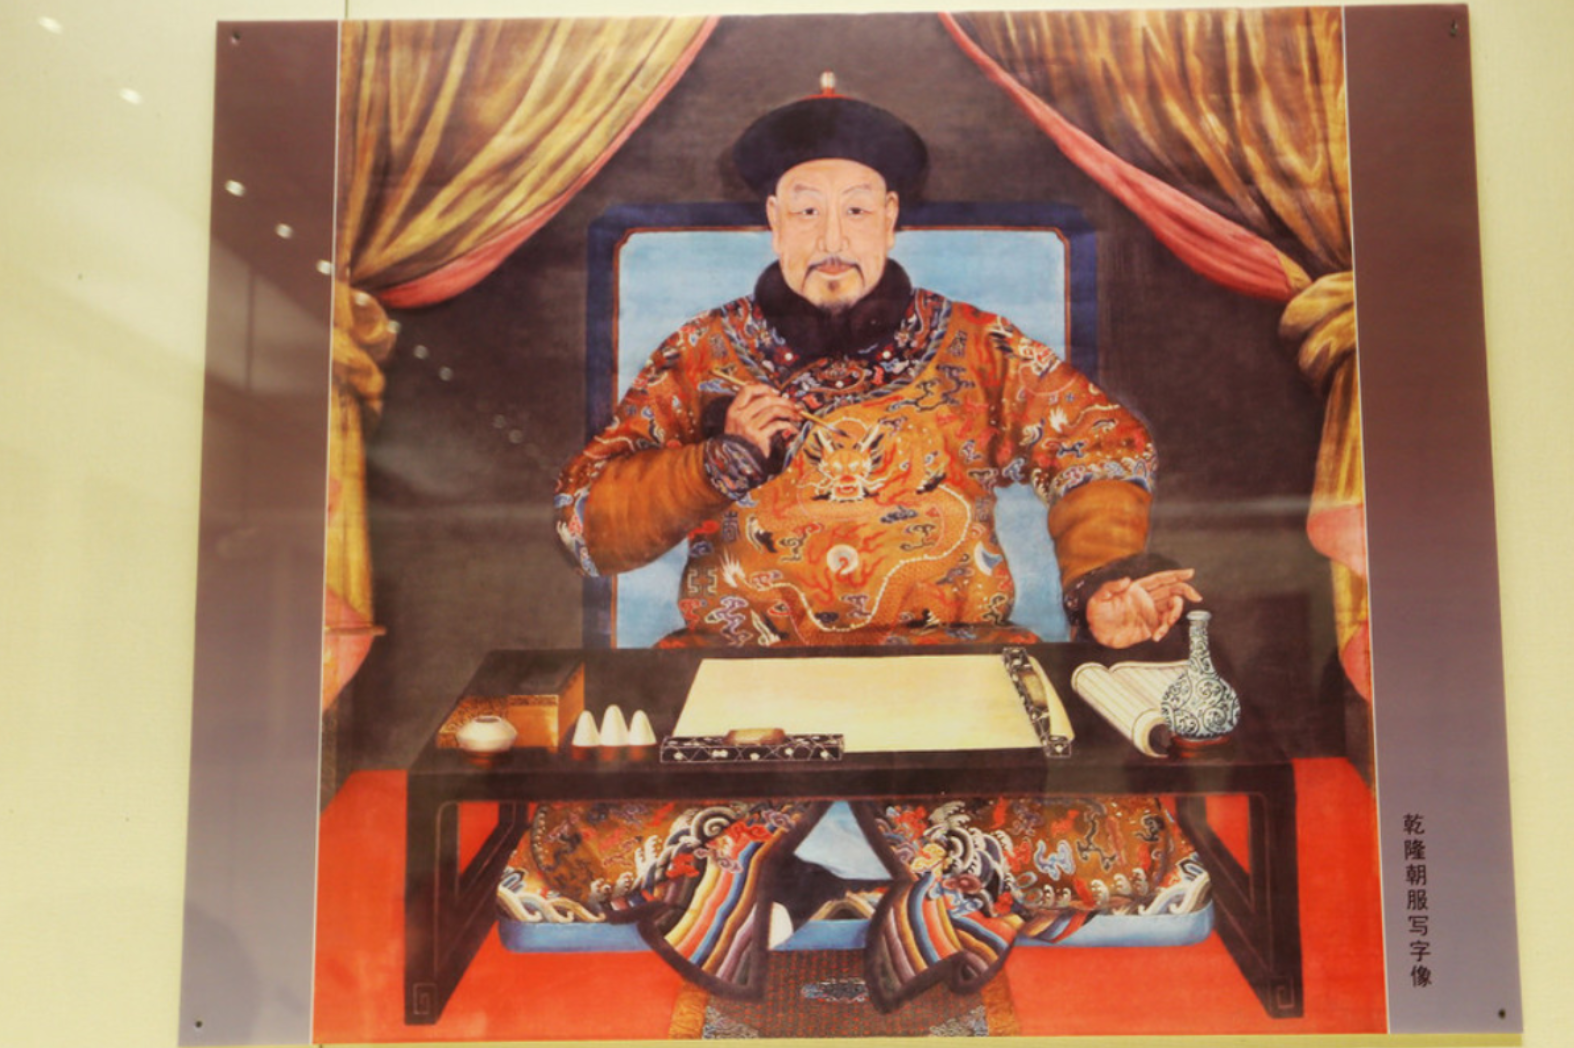 乾隆预招状元为驸马,却被一个村姑打败,反赠4个字价值千金